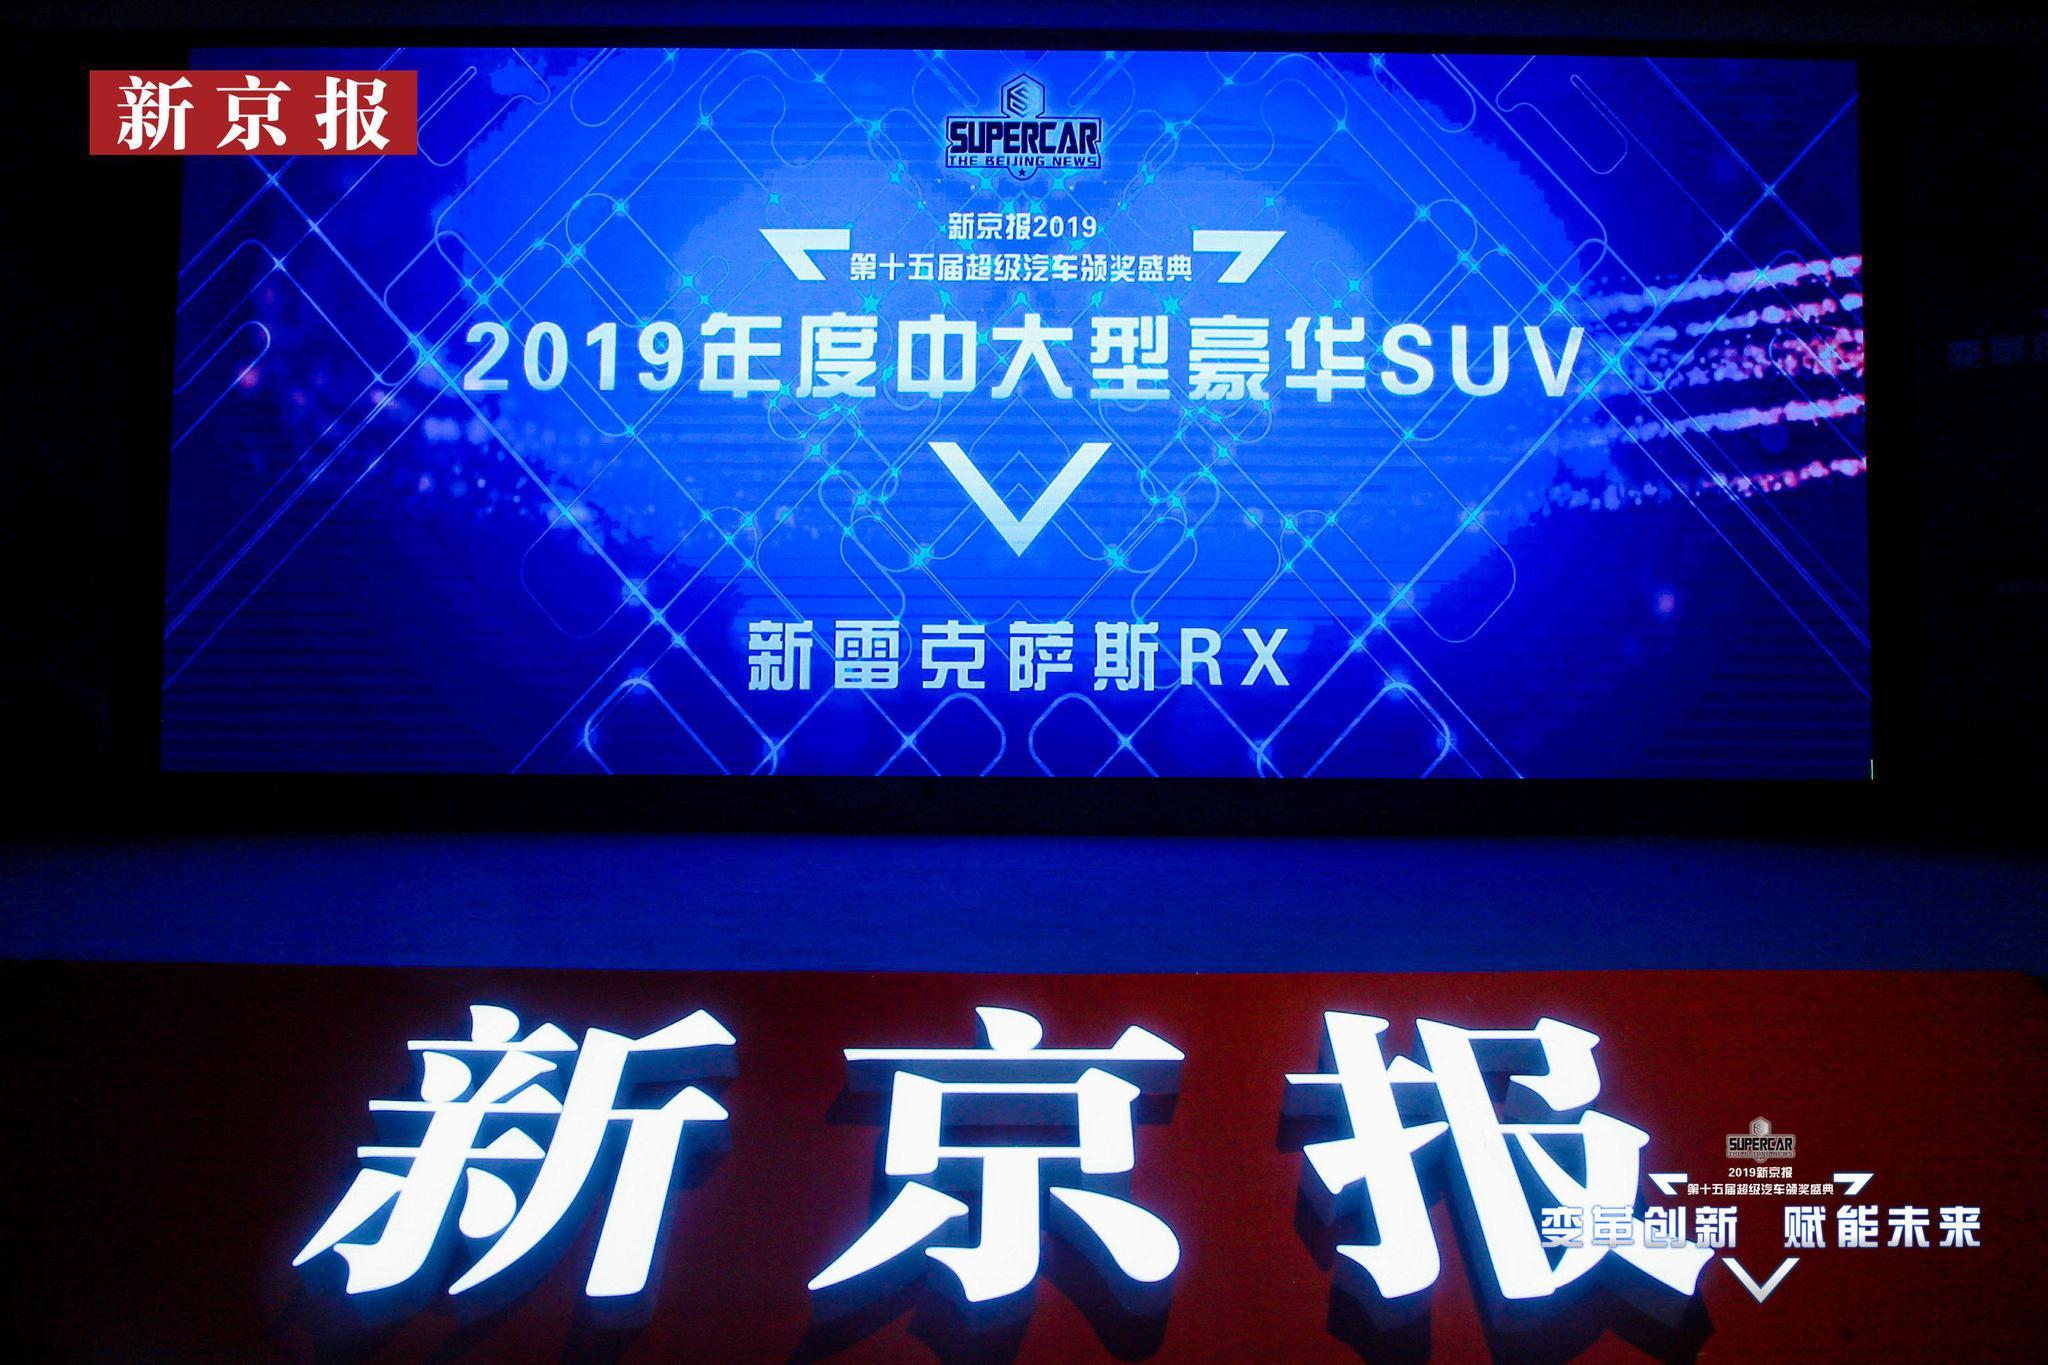 新雷克萨斯RX获新京报2019年度中大型豪华SUV图片